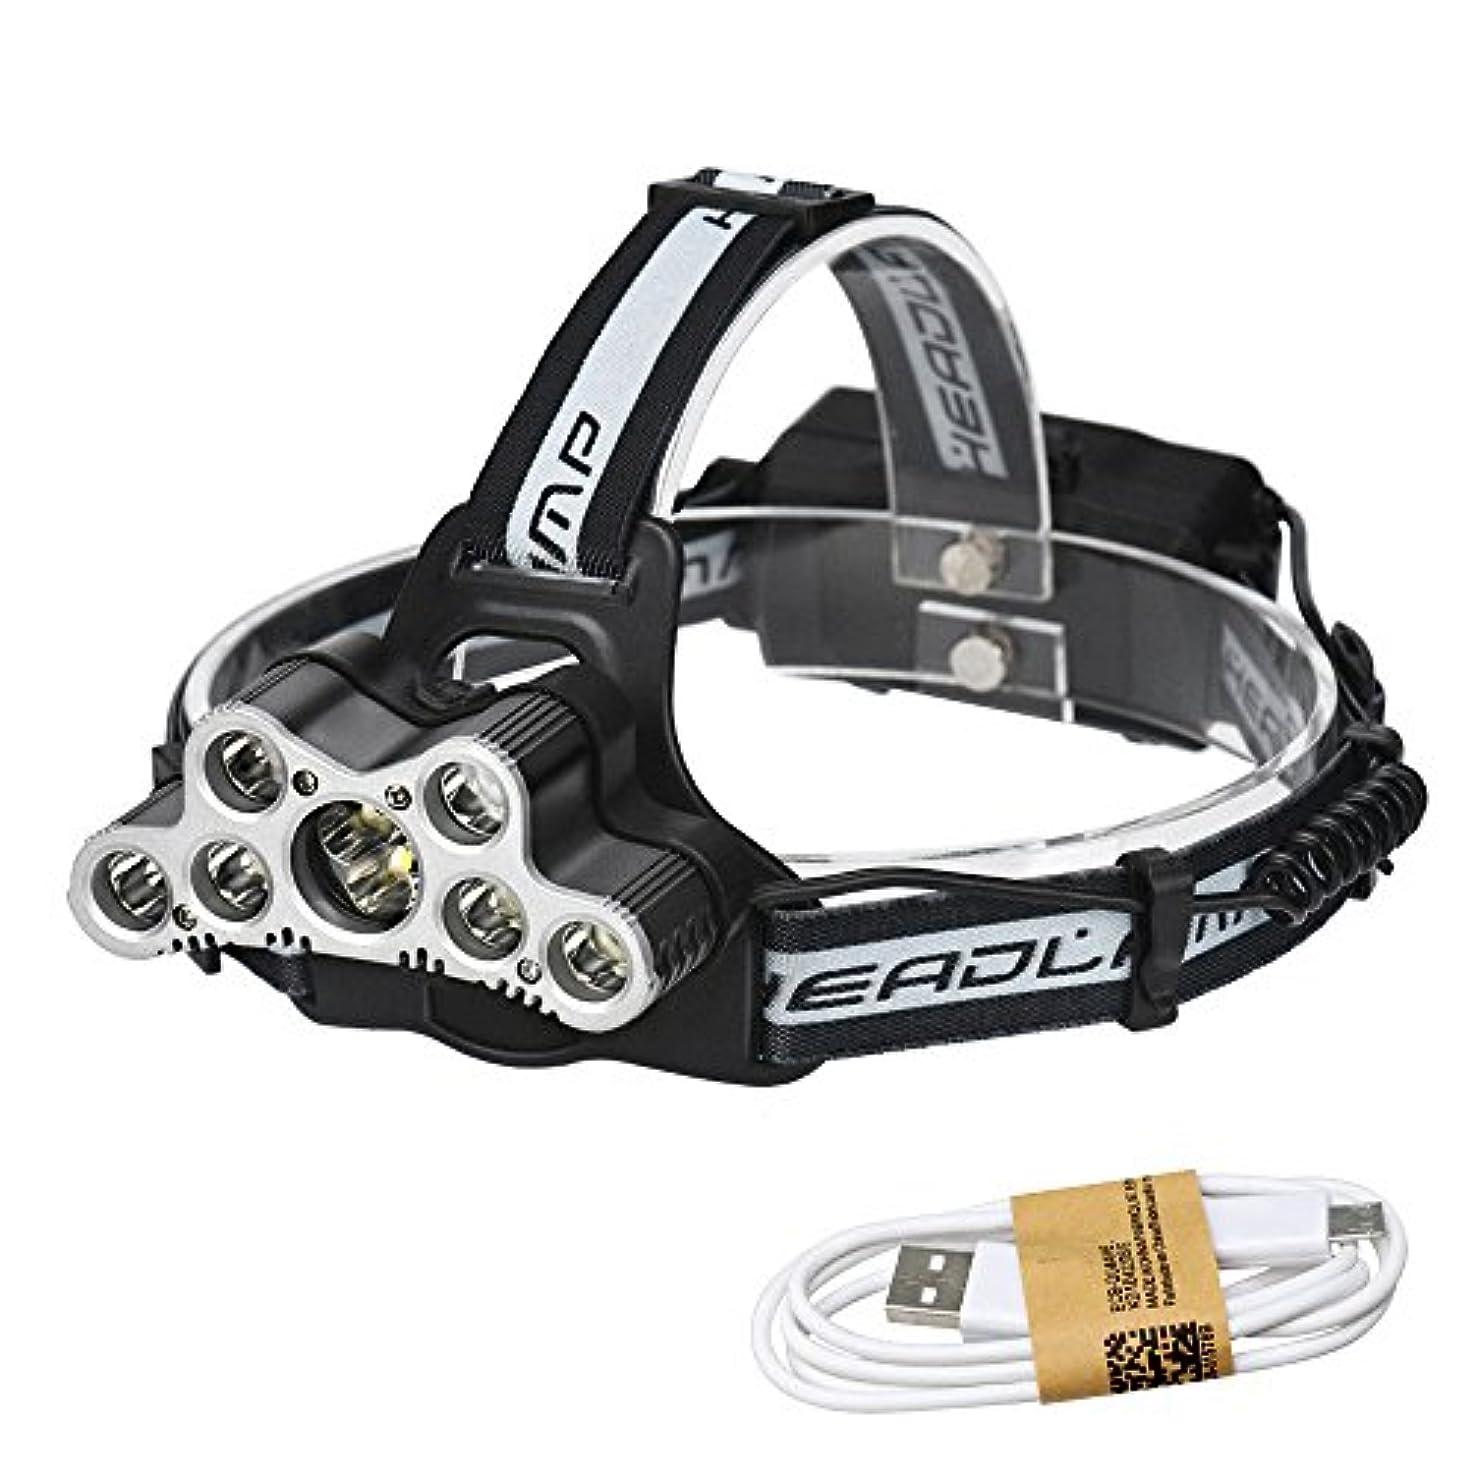 中国教義確認してくださいスーパーブライト 9 LEDヘッドランプヘッドライト照明ヘッドランプキャンプライト釣り懐中電灯トーチ充電式18650バッテリー